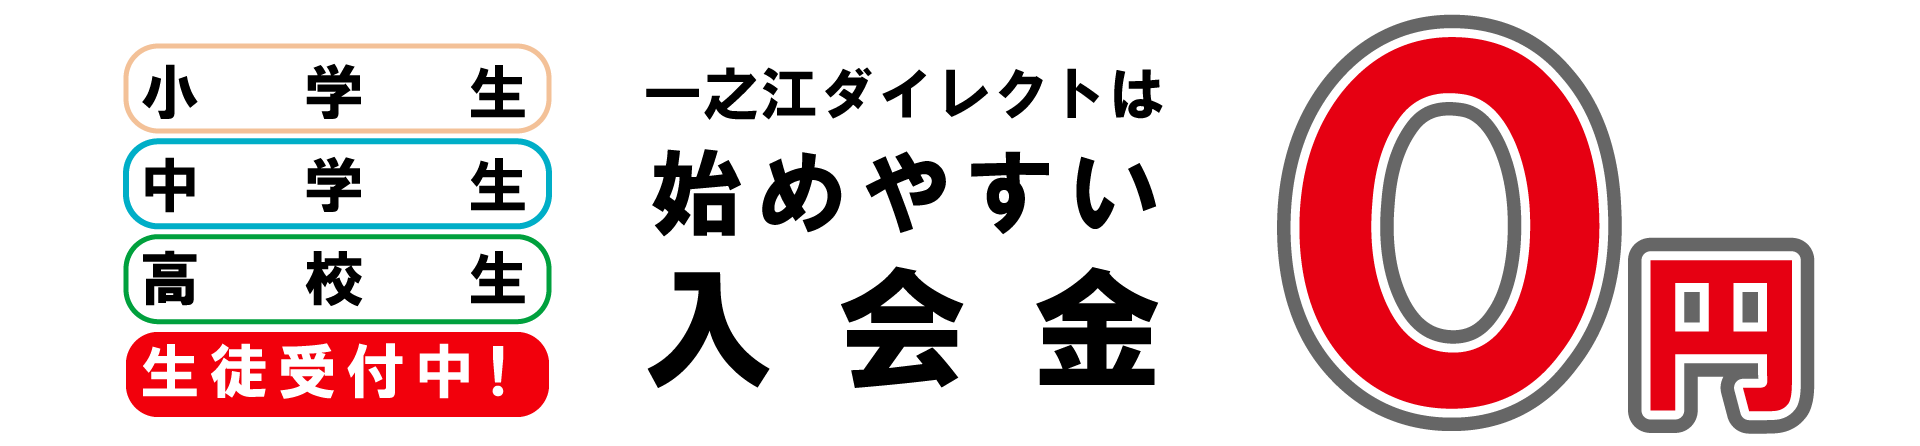 無料,入会金,0円,すらら,一之江,